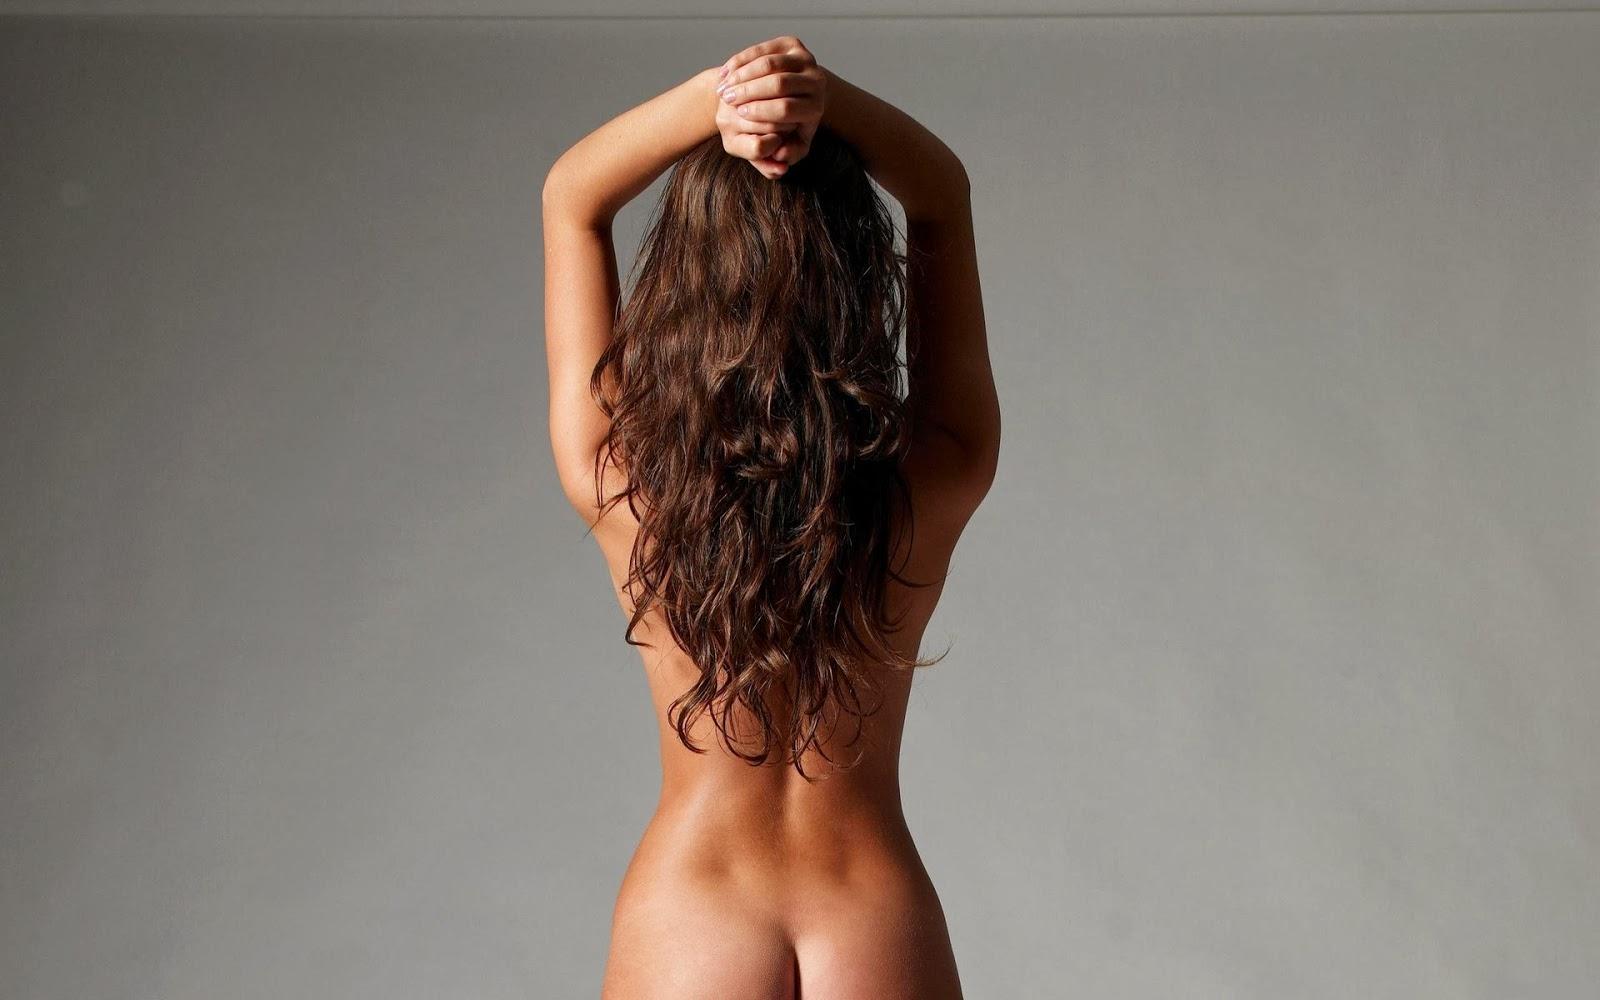 Сочные женщины в трусах с тонкой талией фото 26 фотография